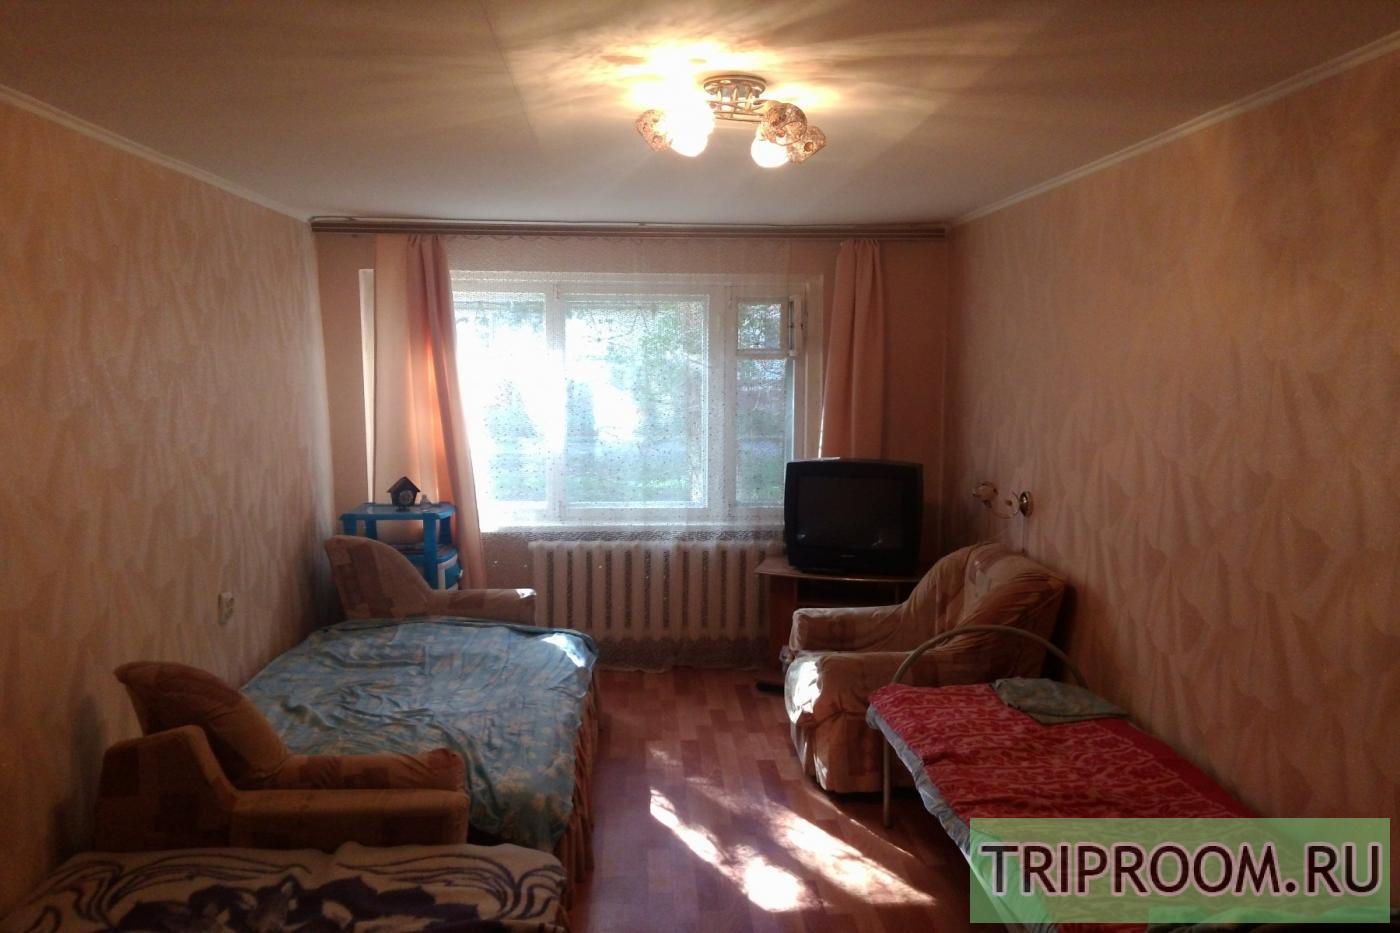 3-комнатная квартира посуточно (вариант № 19988), ул. Победы проспект, фото № 4